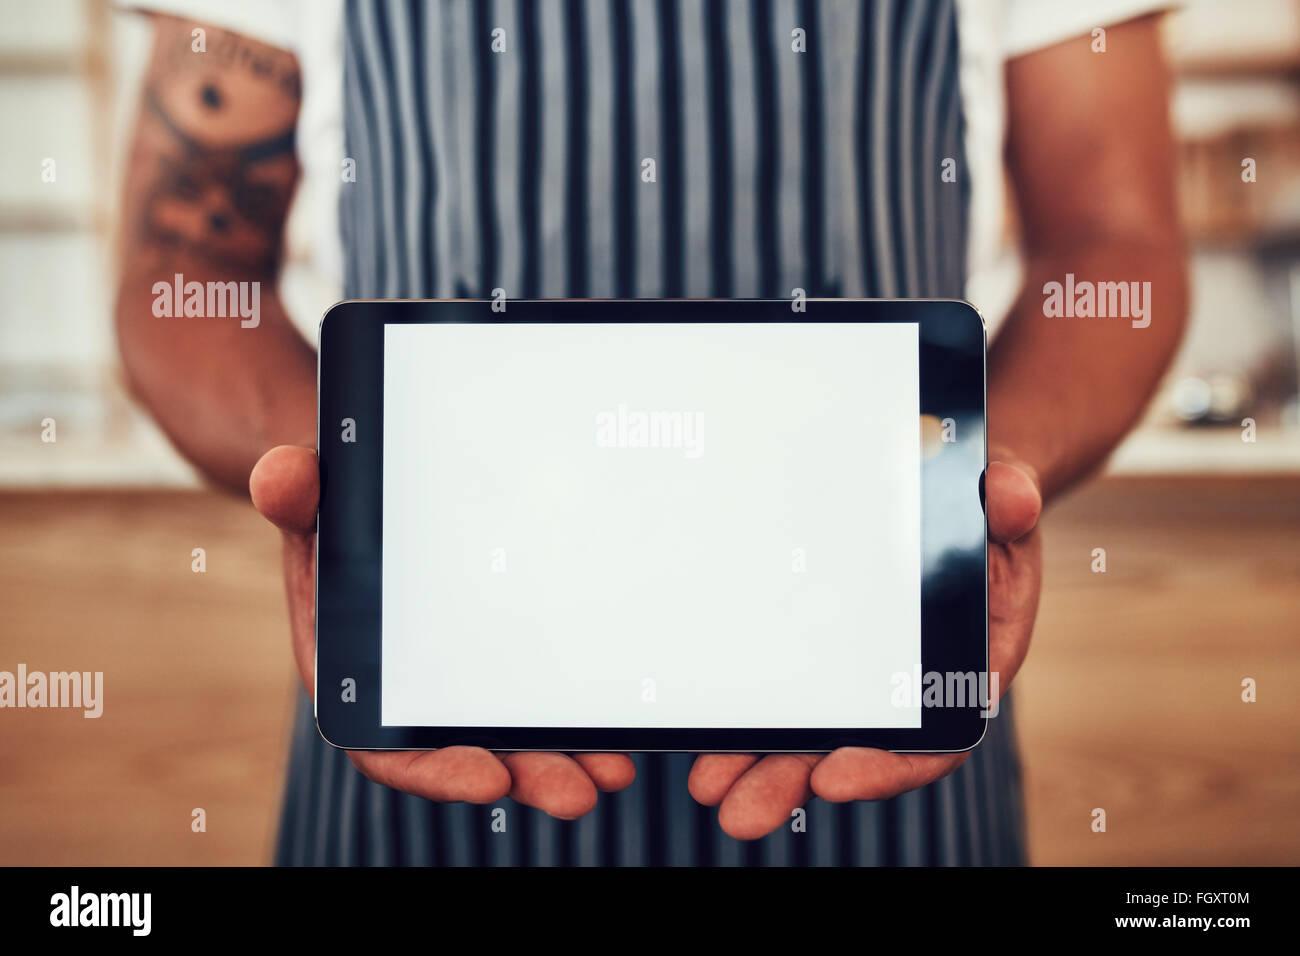 Portrait d'un homme portant un tablier, tenant une tablette numérique avec un écran blanc. Waiter Photo Stock